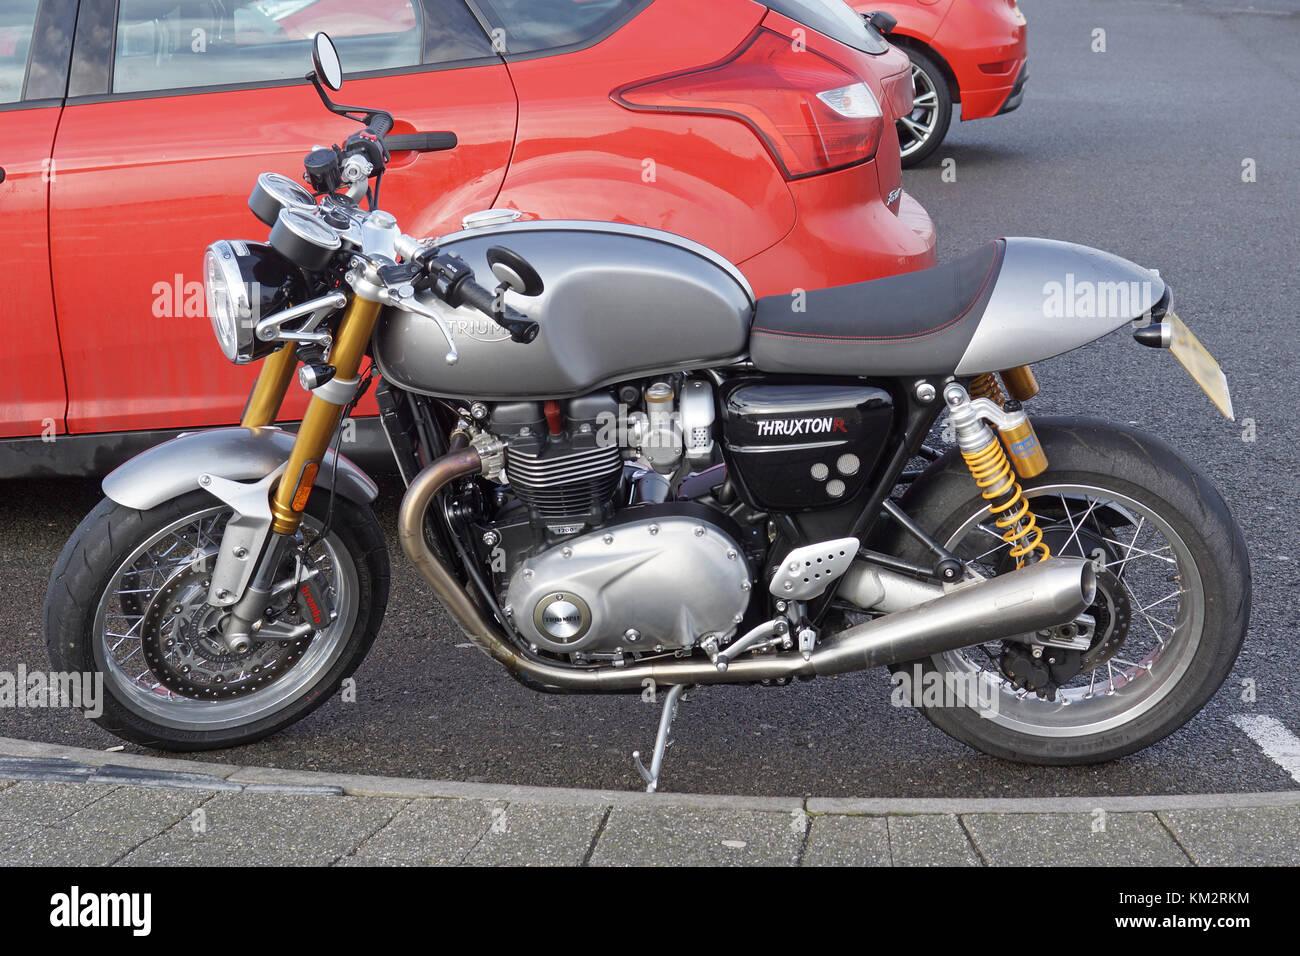 Triumph Thruxton R - Stock Image